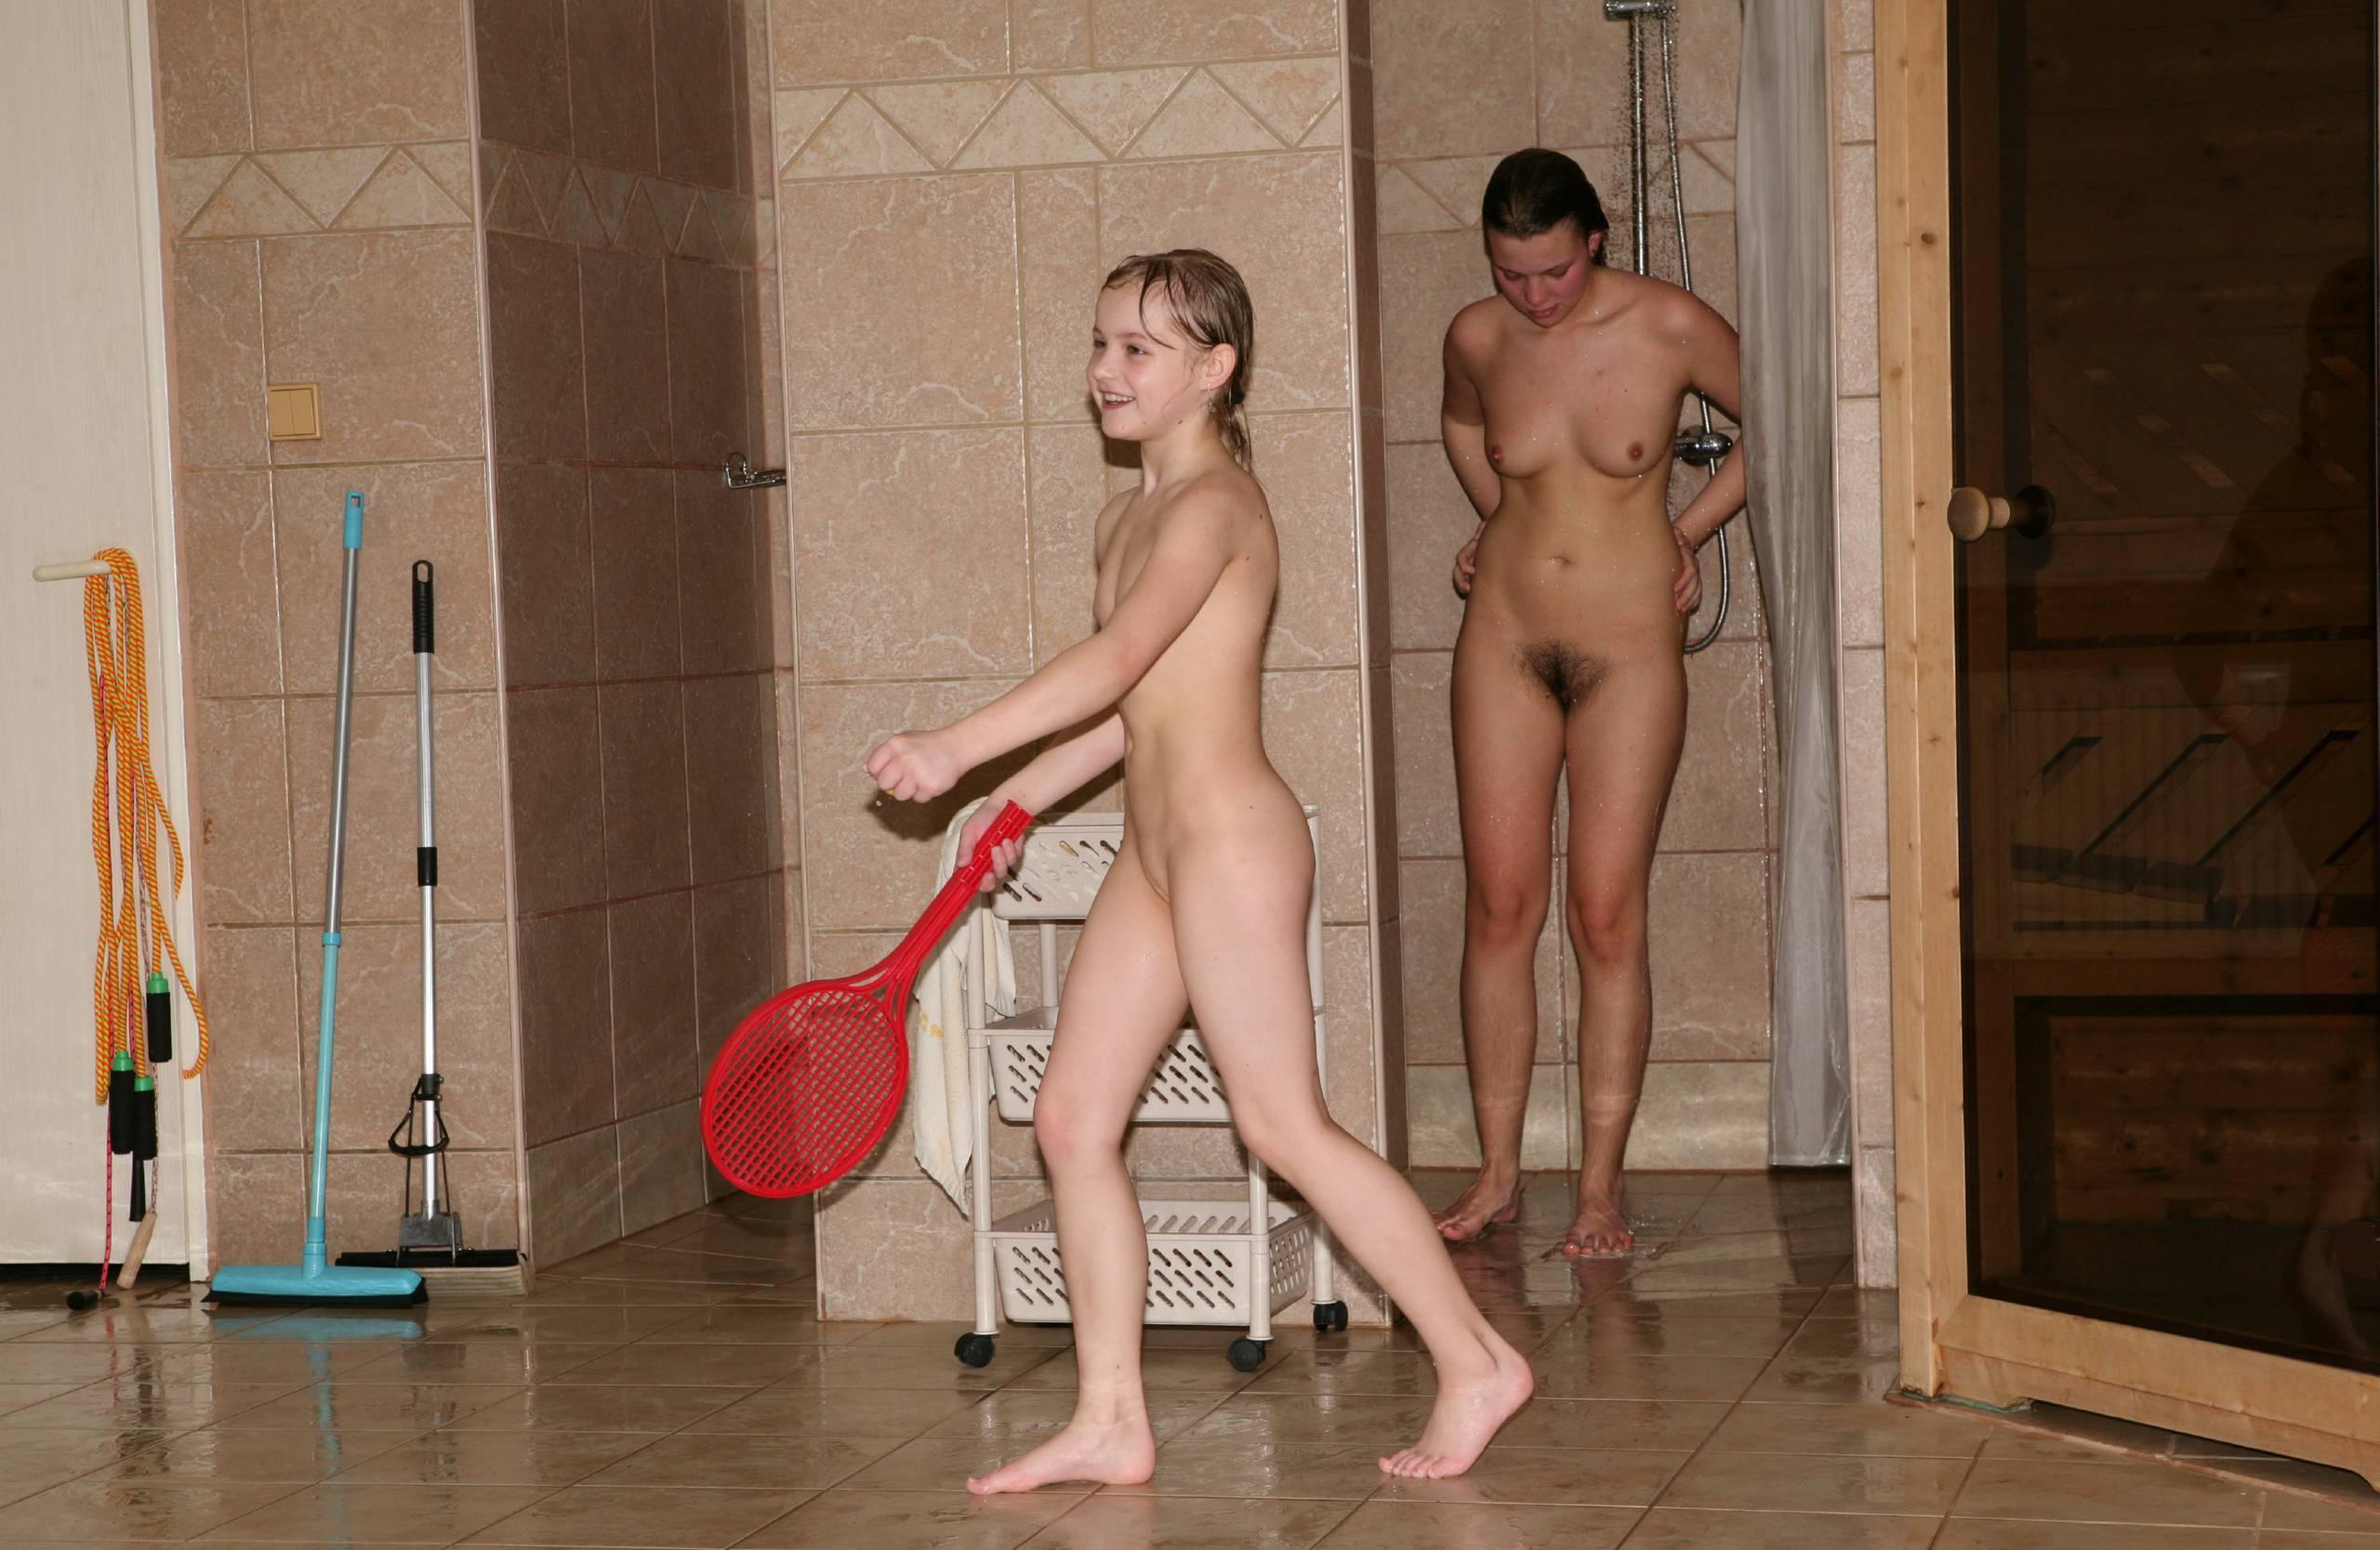 Nudist Photos Skyscraper Nude Pool - 2